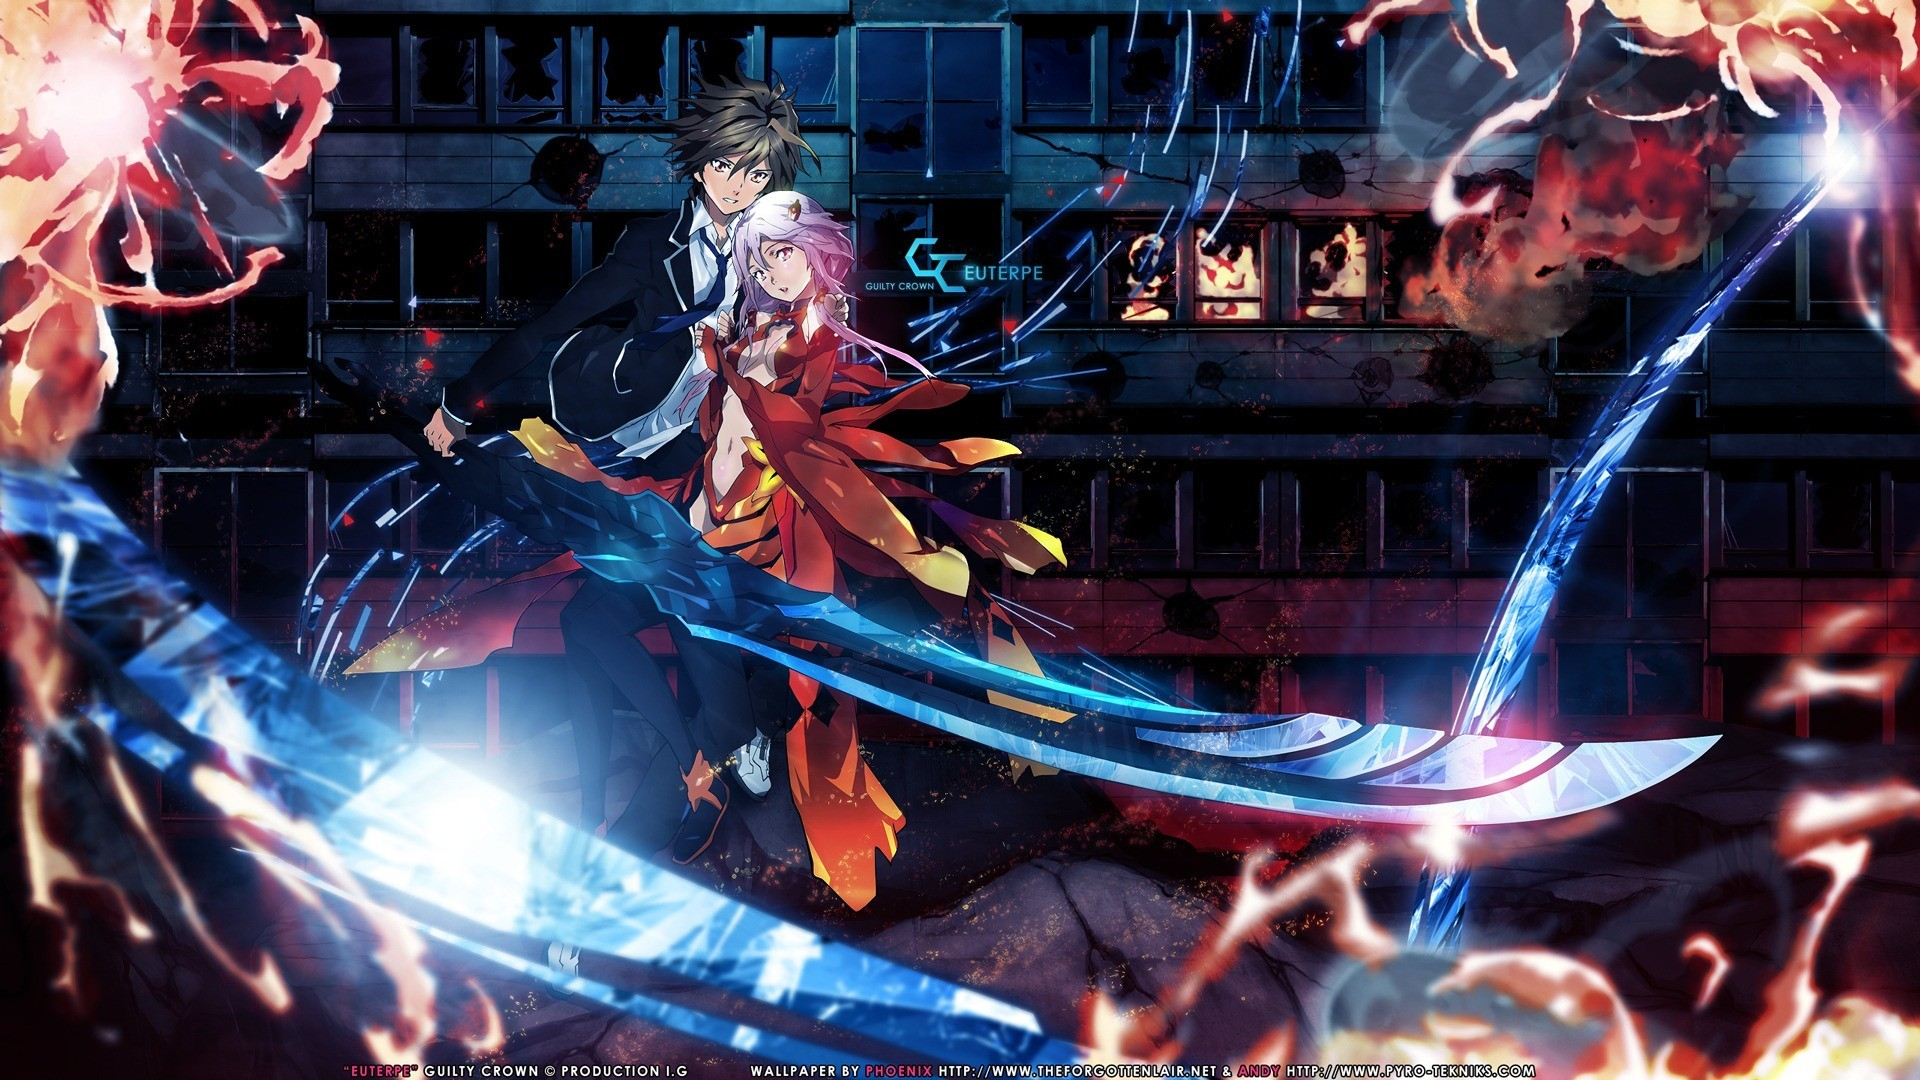 1920x1080 Tie Anime Wallpaper Girls Swords Guilty Crown